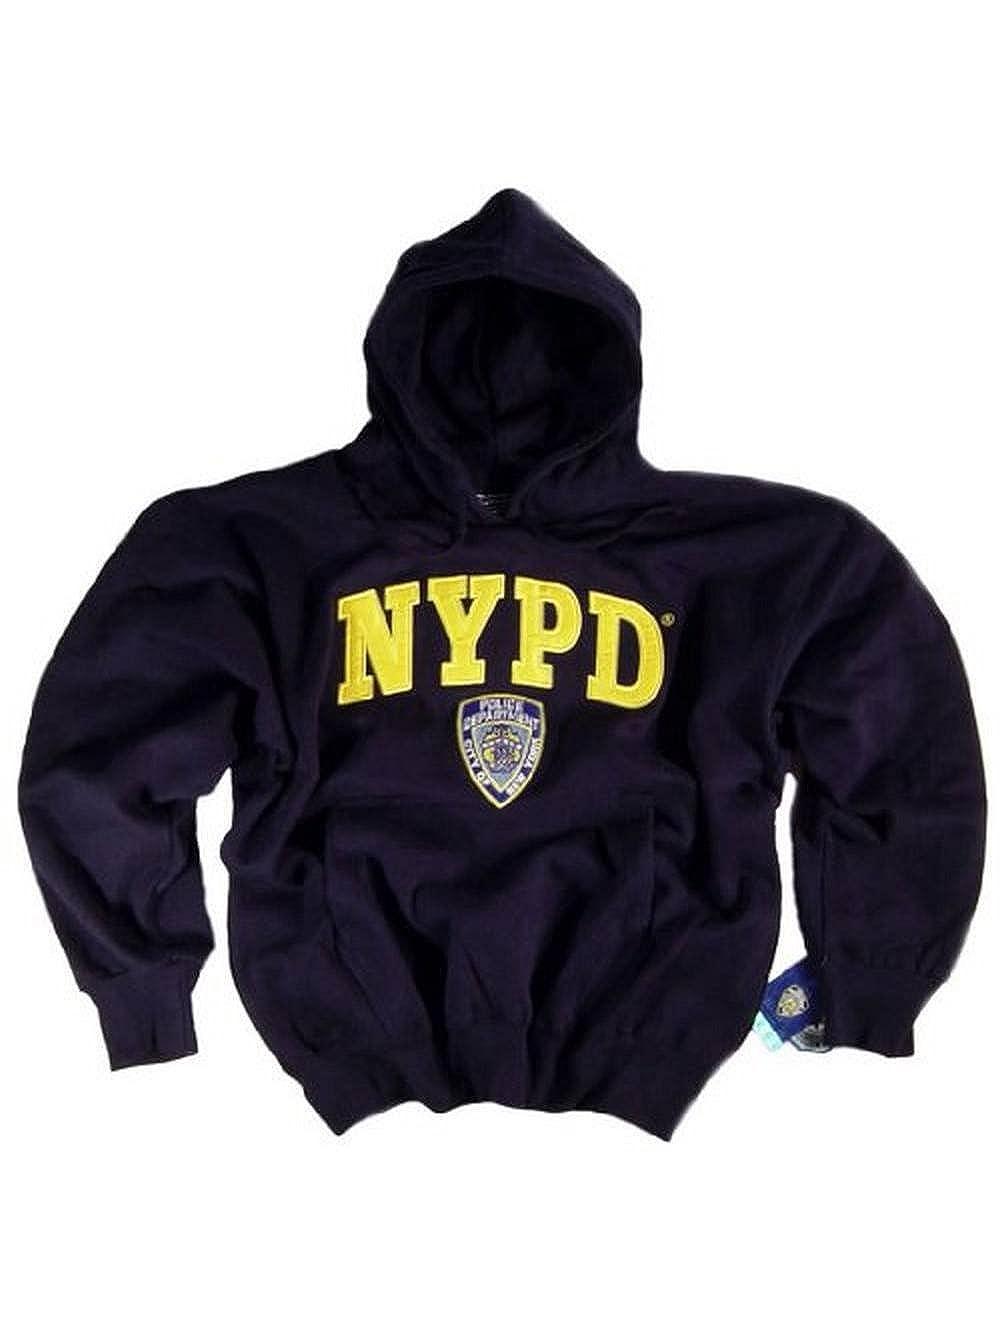 e455f2cd NYPD Shirt Hoodie Sweatshirt